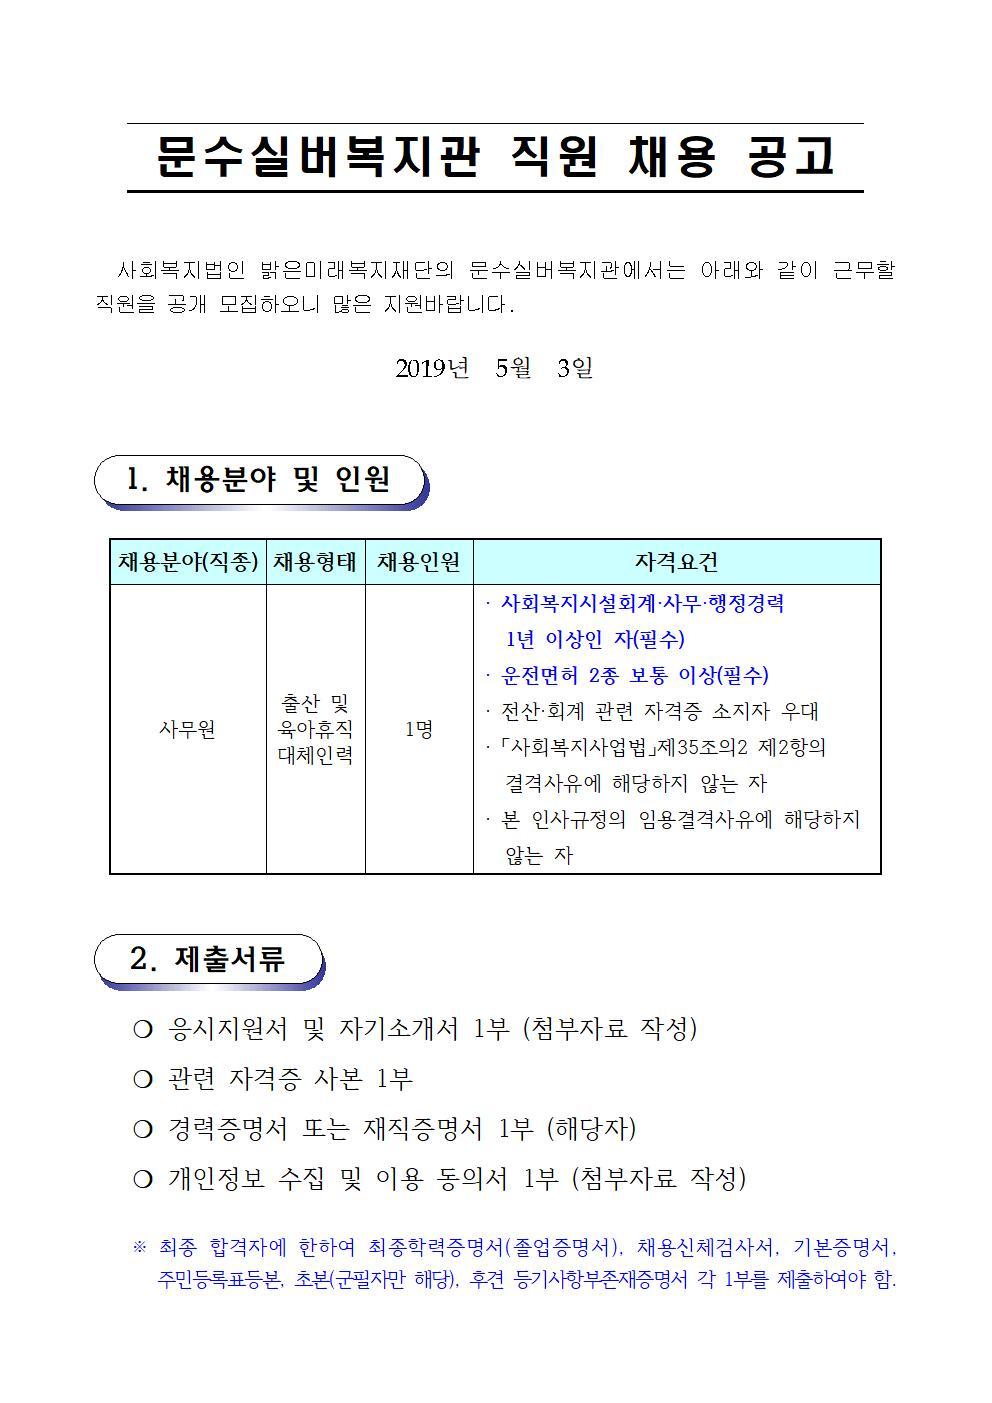 채용공고문(사무원_대체인력) (2019. 5. 3.)001.jpg